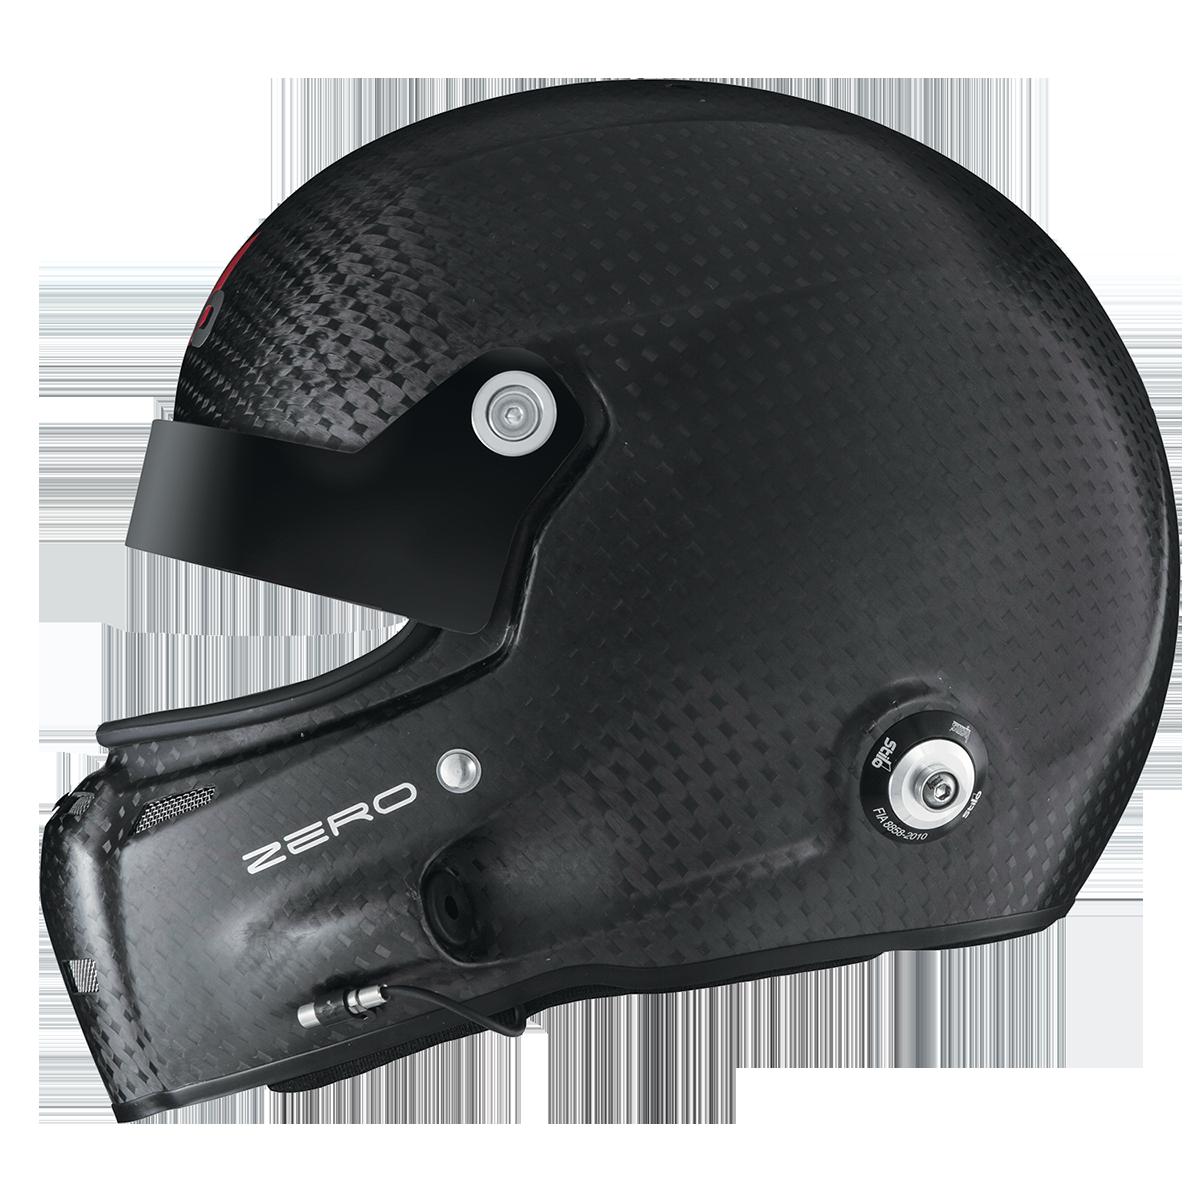 Stilo st gt zero. Racing helmet png